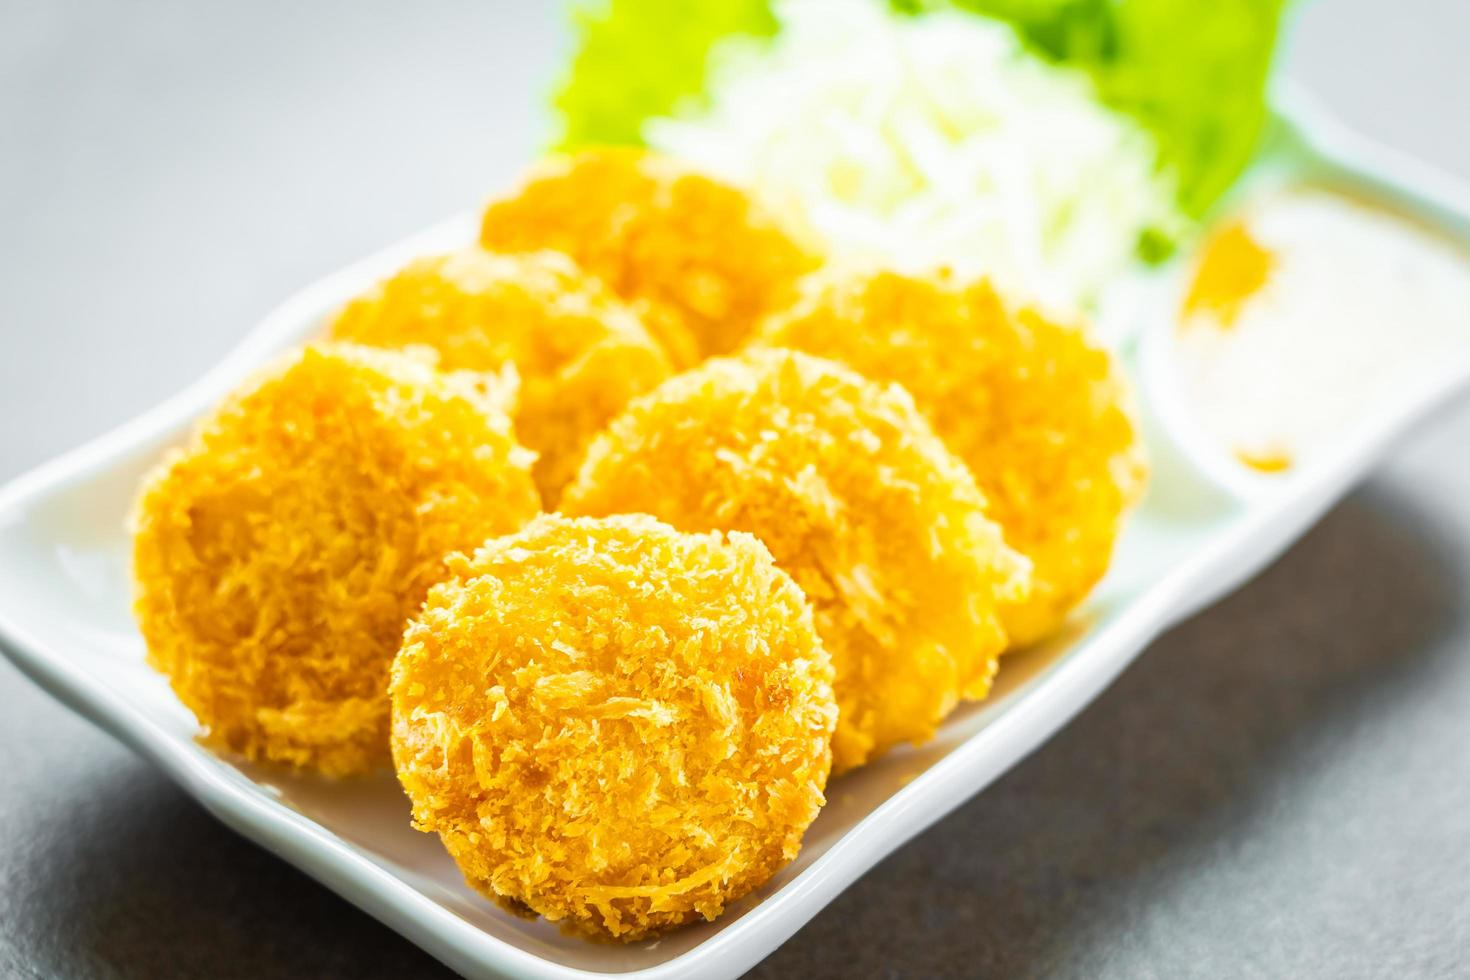 frittierter Garnelenkuchen oder Ball mit Gemüse foto